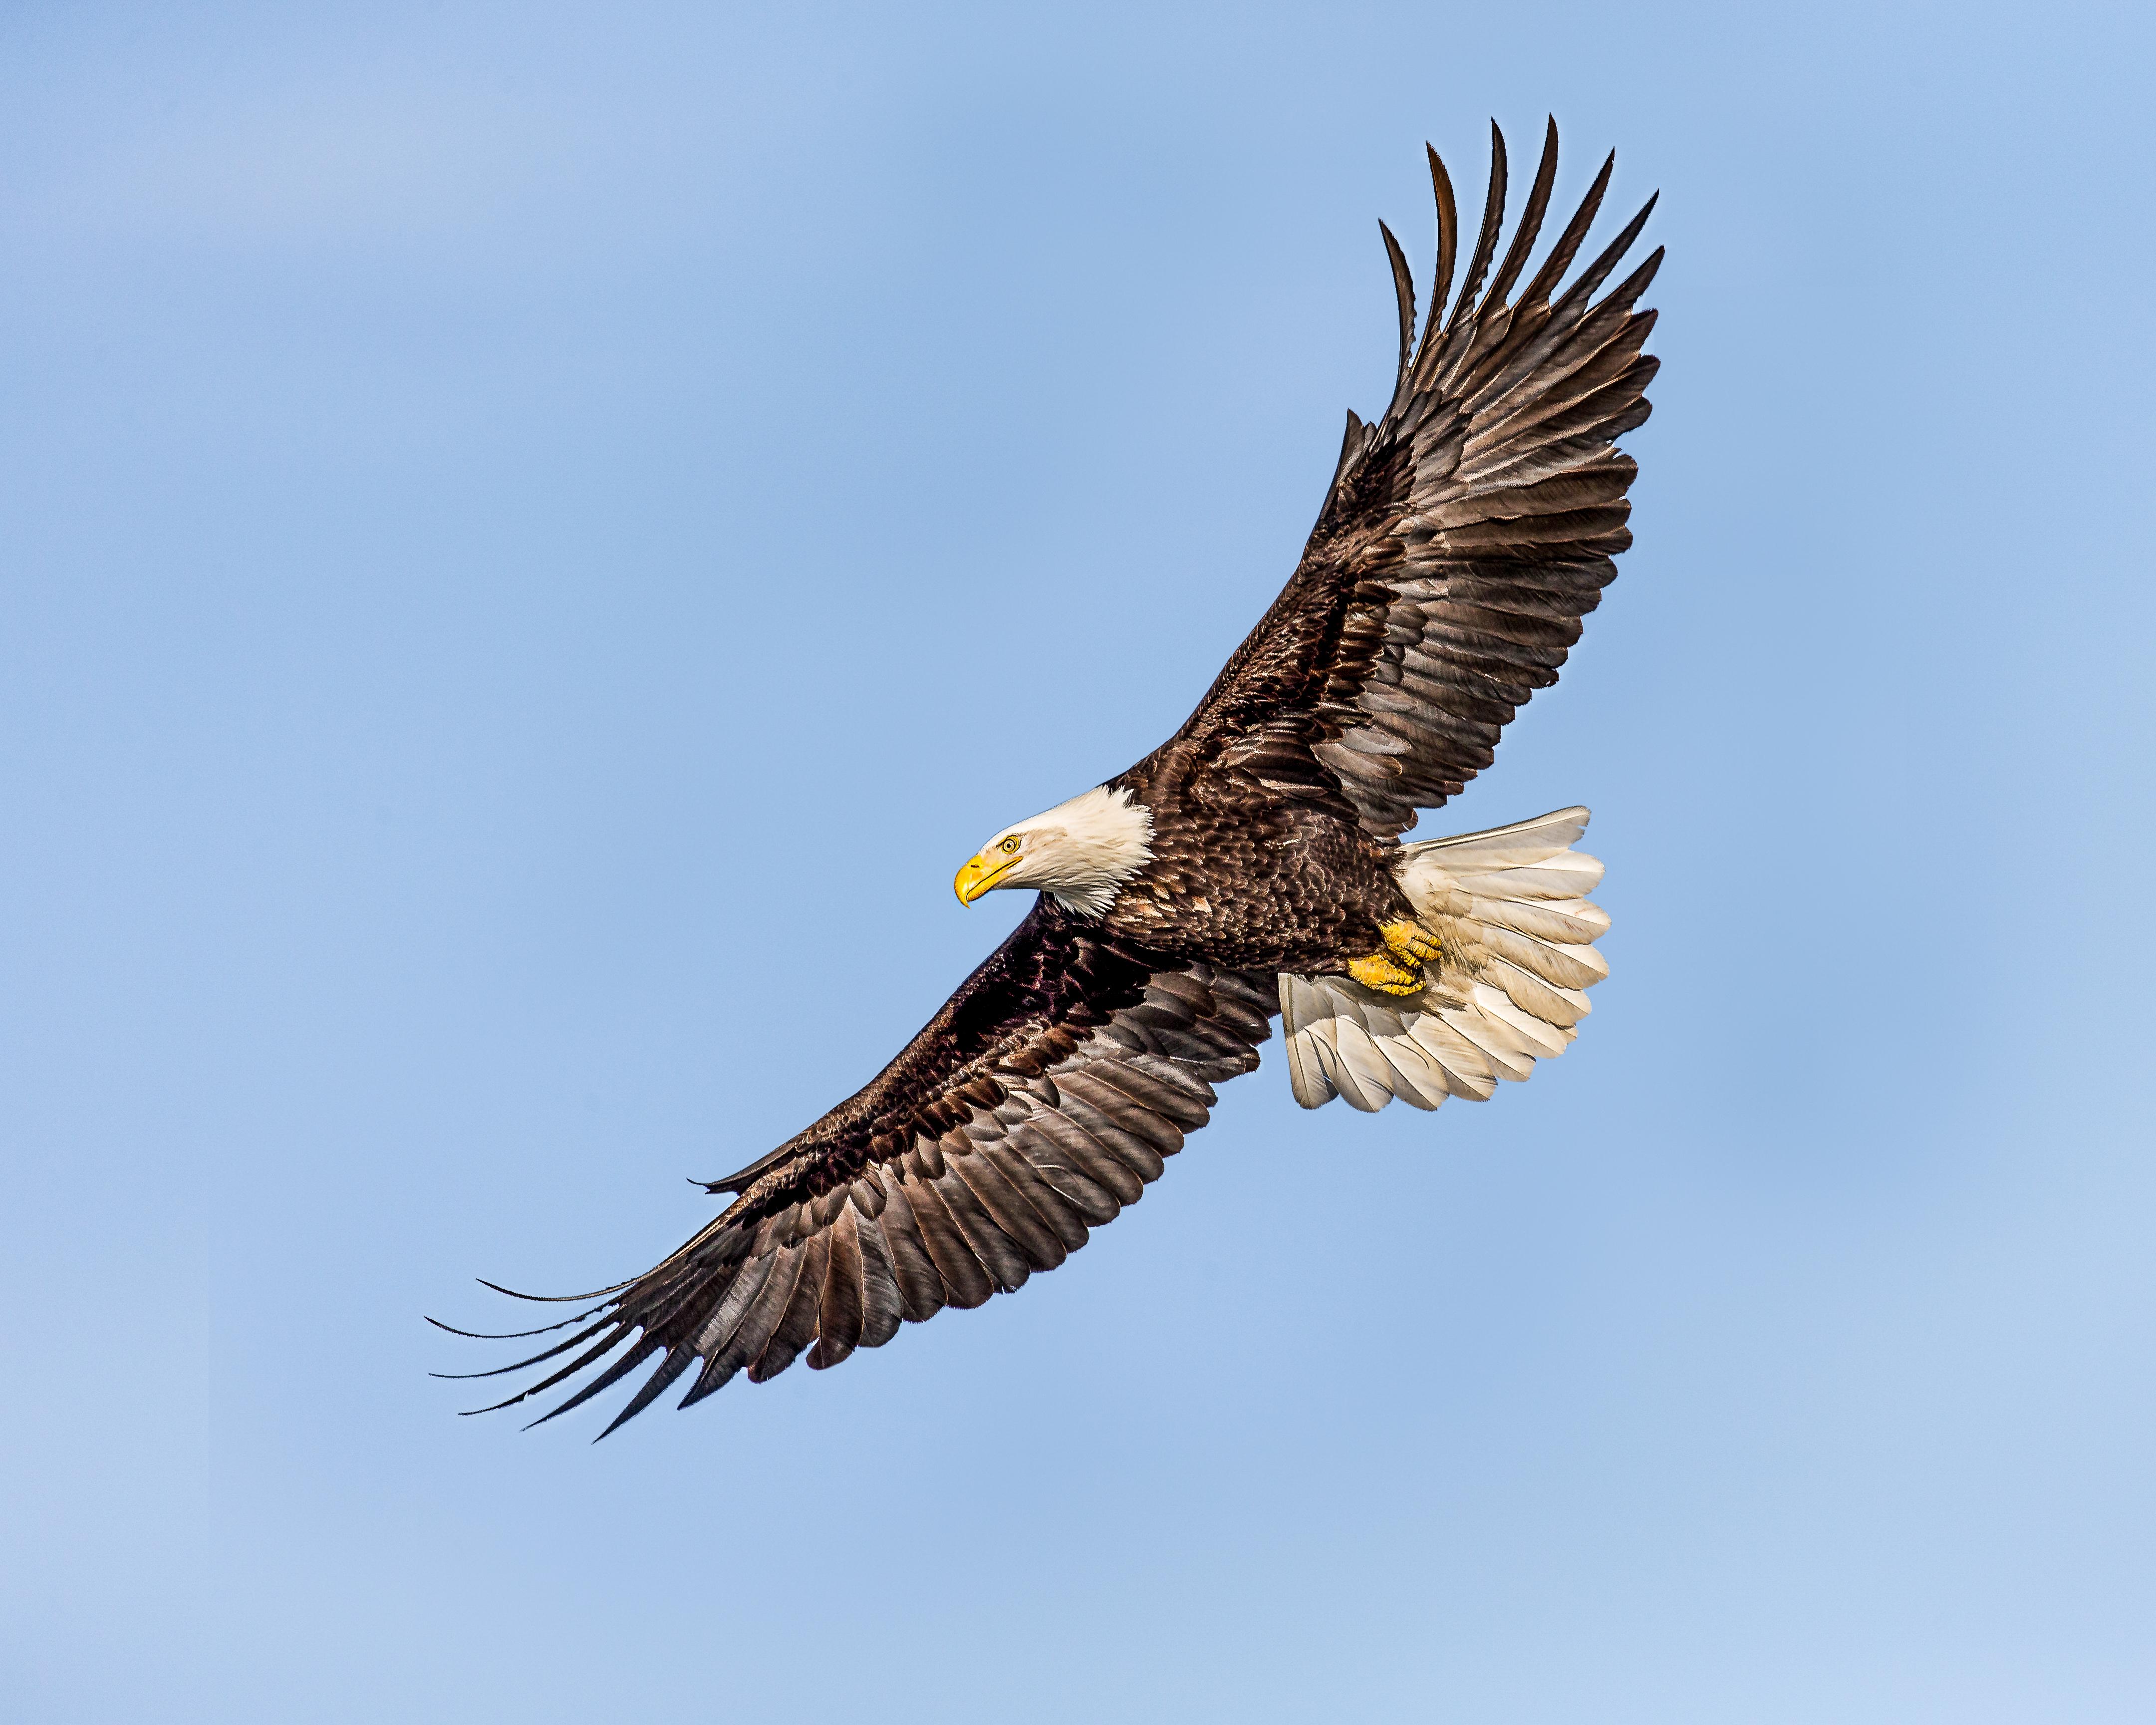 фото и картинки парящего орла